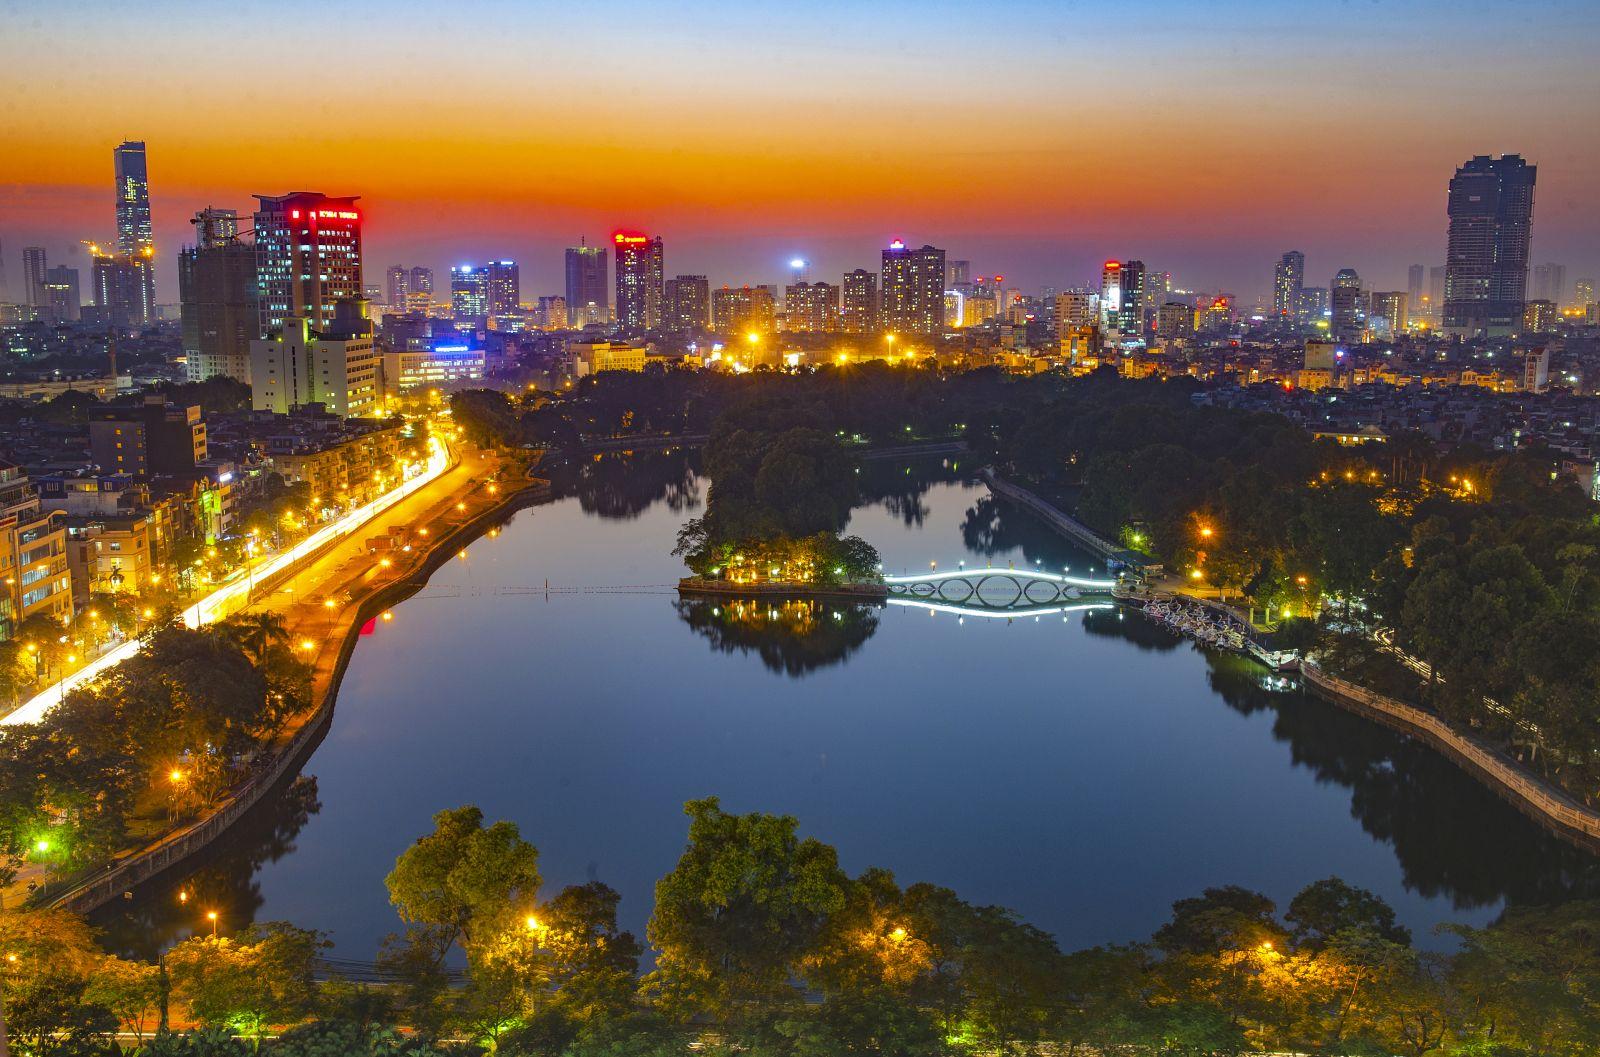 Hồ Thủ Lệ phẳng lặng như mặt gương phản chiếu ánh sáng cuối ngày, xa xa là các khu đô thị mới với những tòa nhà hiện đại